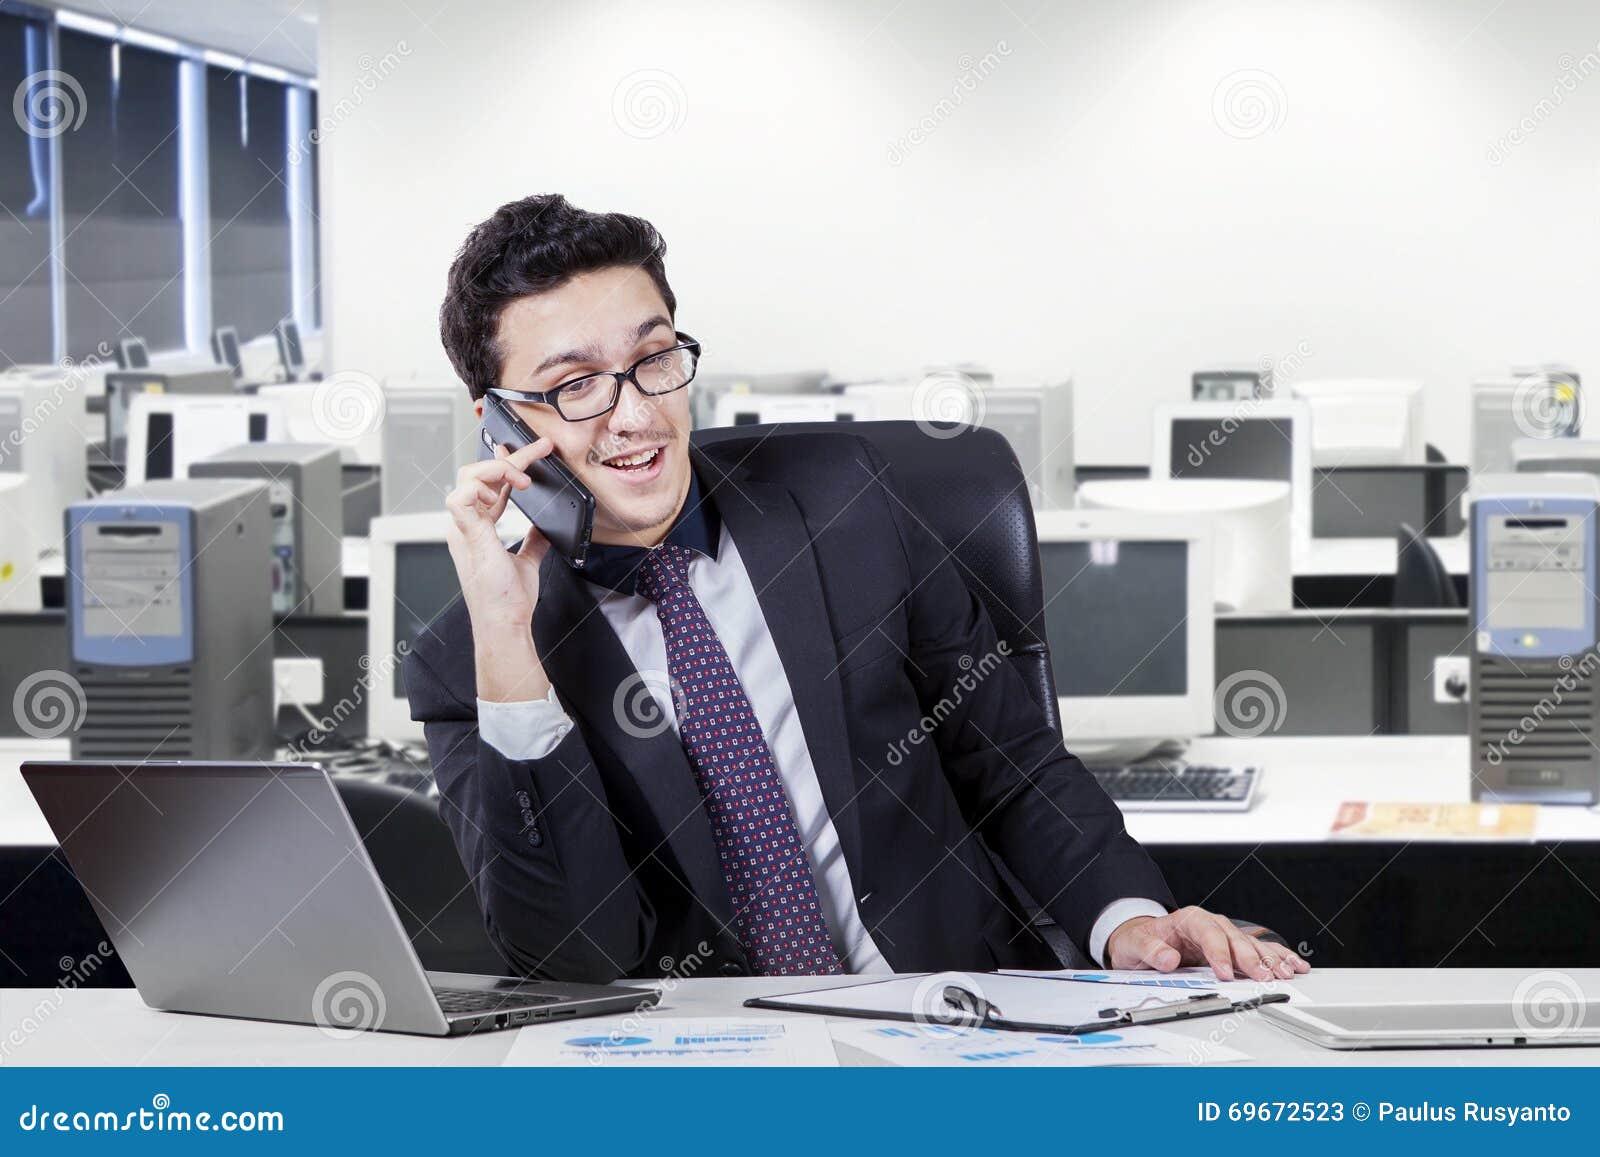 Trabajador que habla en el tel fono m vil en sitio de la for Telefono de la oficina